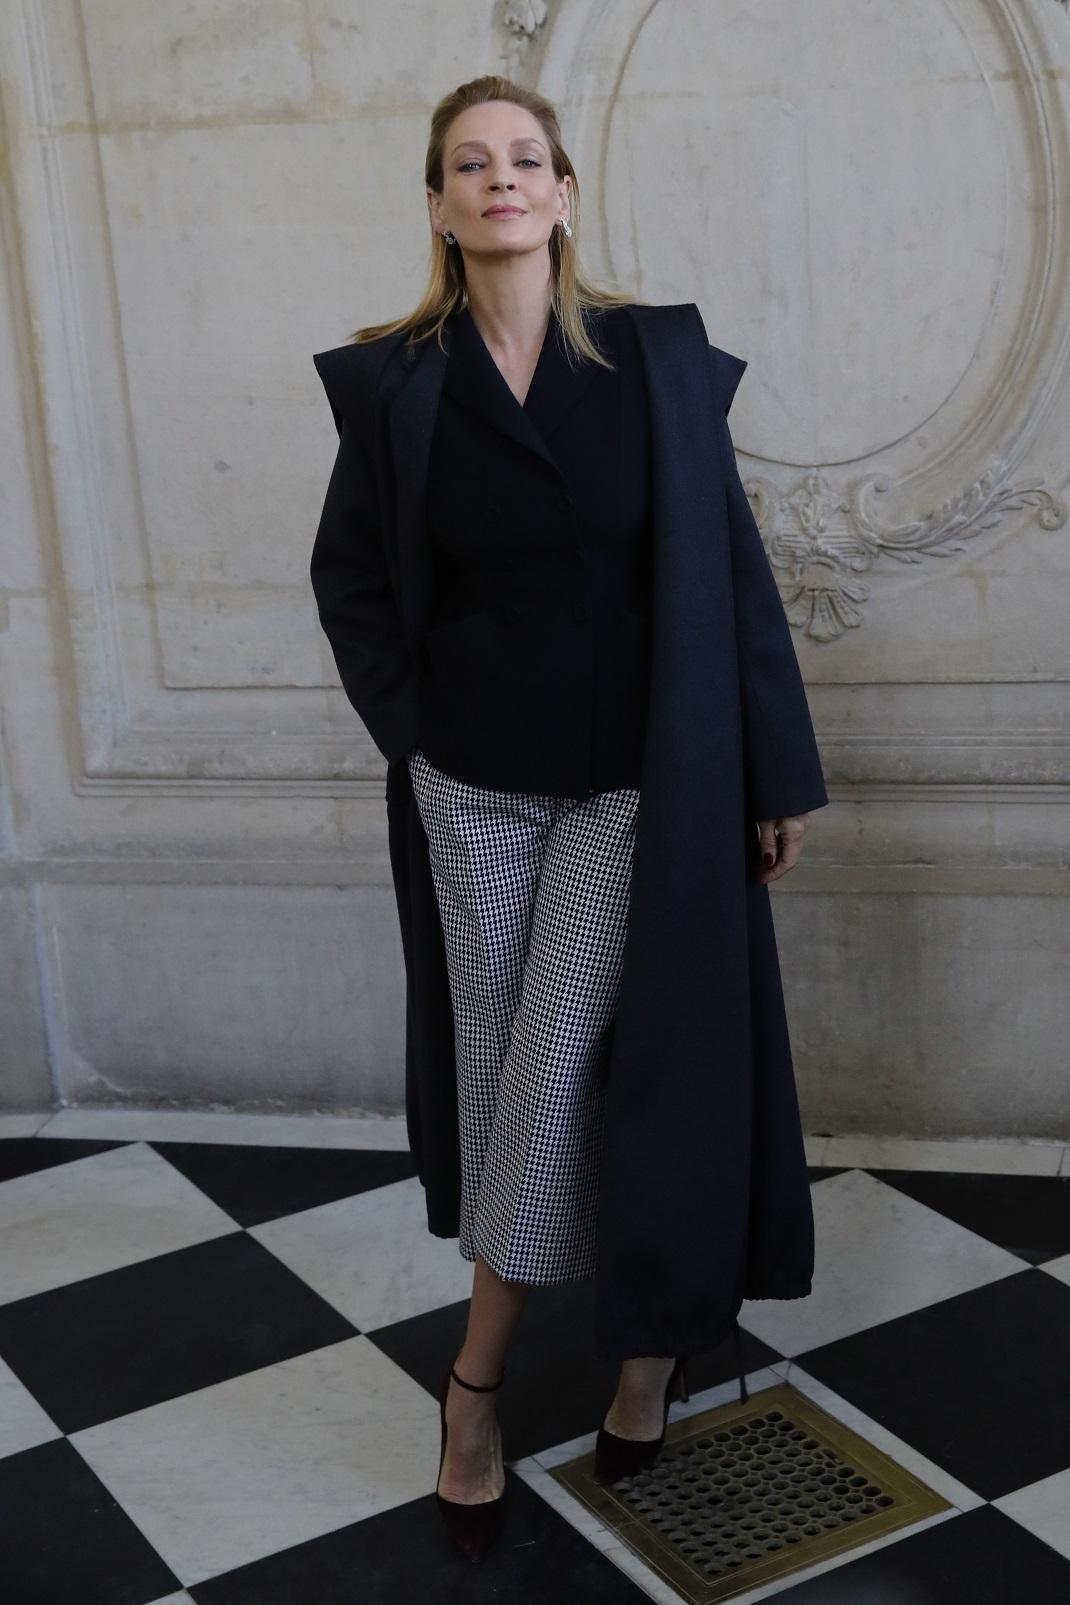 Η Ούμα Θέρμαν με γκρι παλτό στο Μουσείο Ροντέν